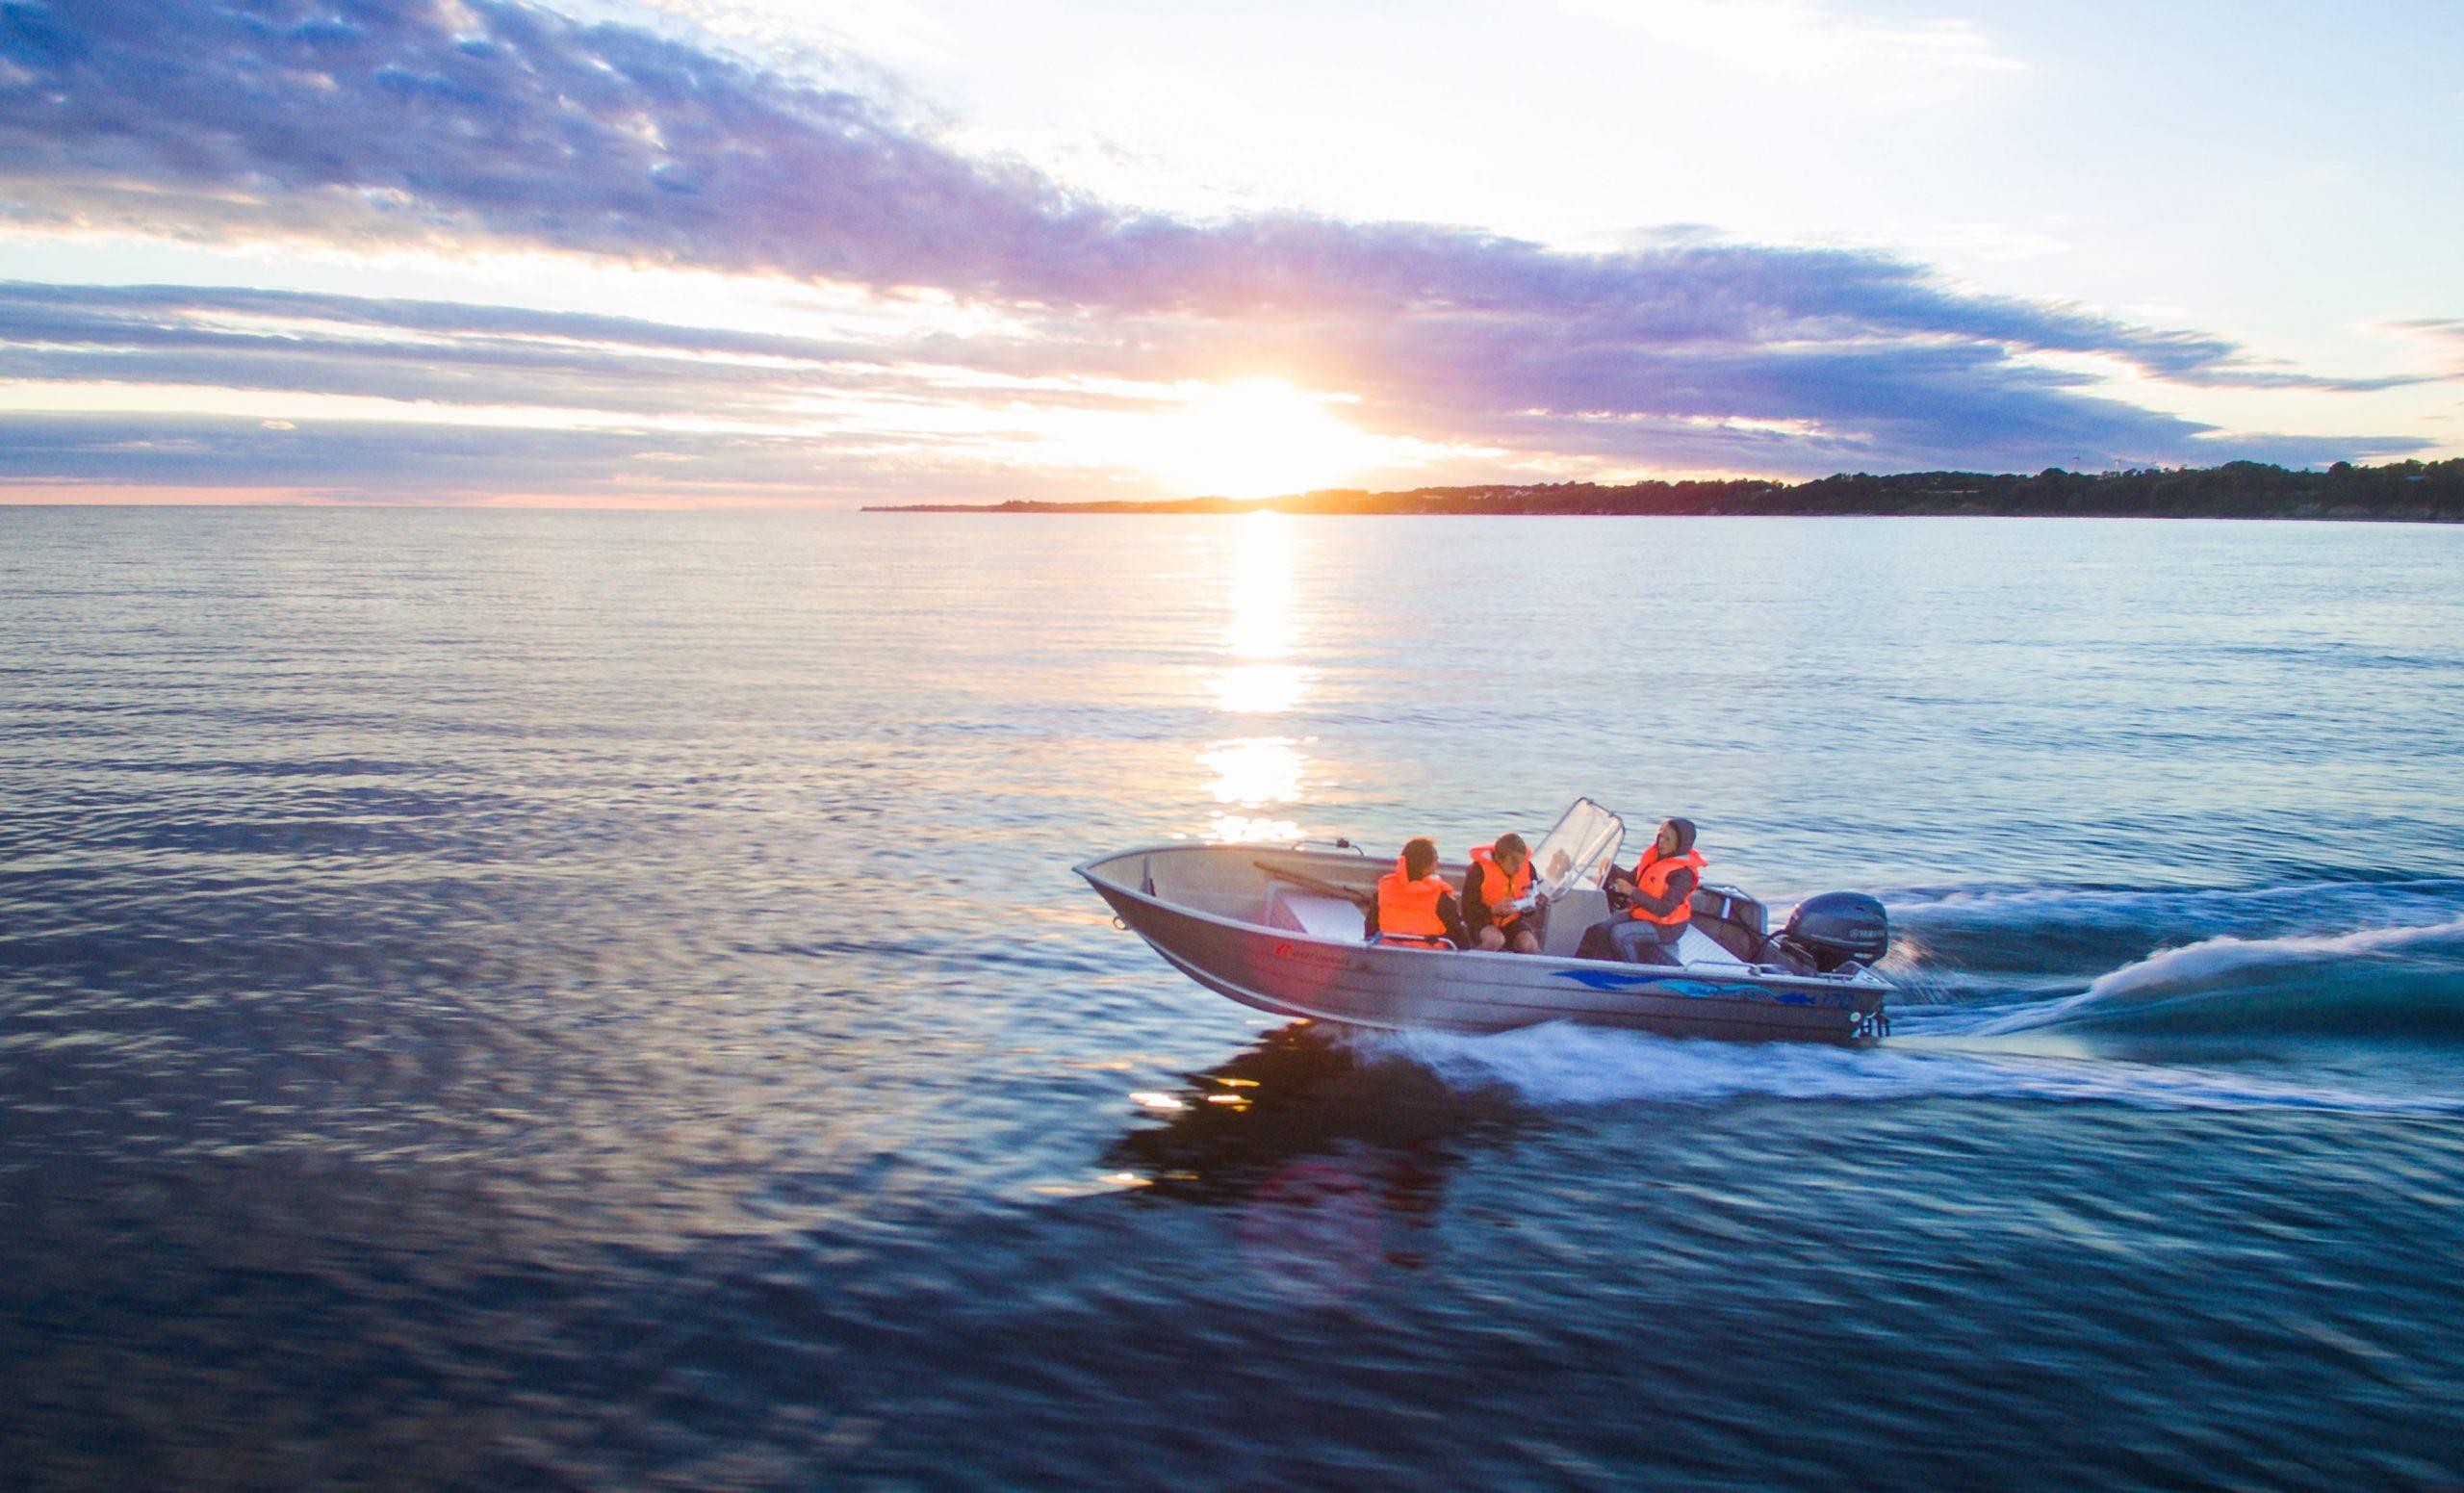 Comment se déroule le permis bateau ?